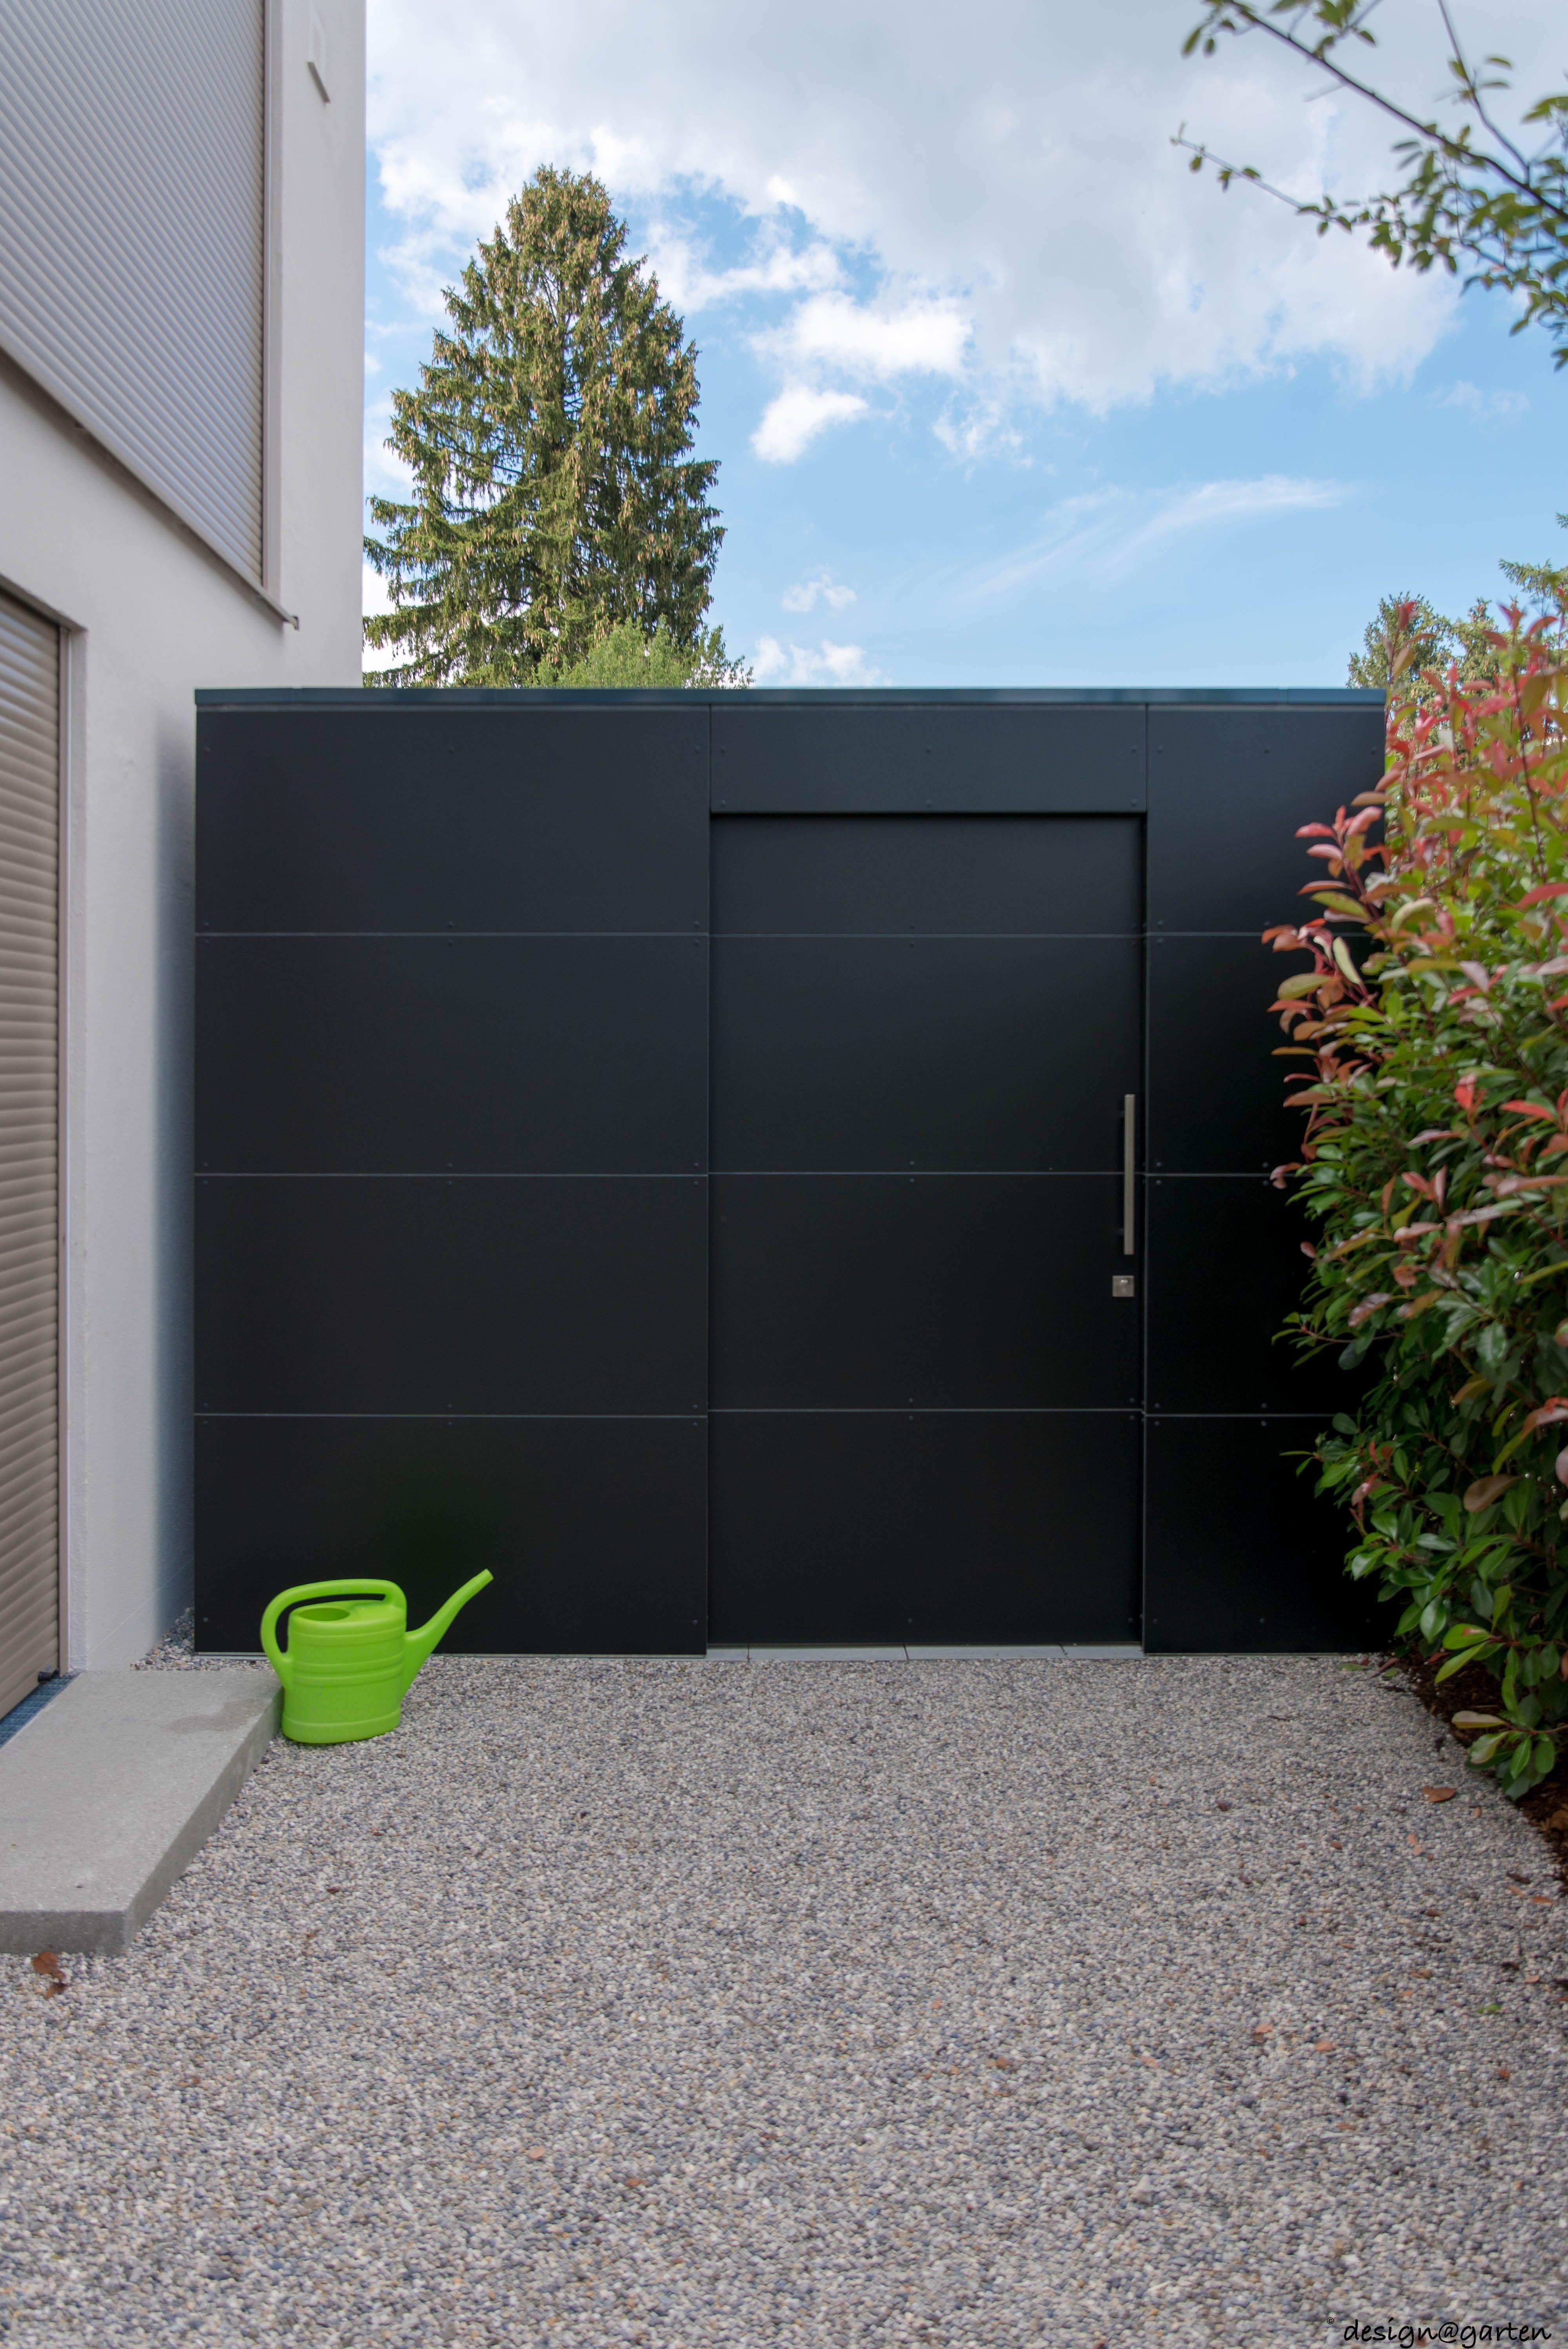 Design Gartenhaus black box @_gart  in  München by design@garten - Augsburg, Germany  UV-beständig - niemals streichen! #Gartenhaus #Gerätehaus #HPL #design@garten #backyardoasis